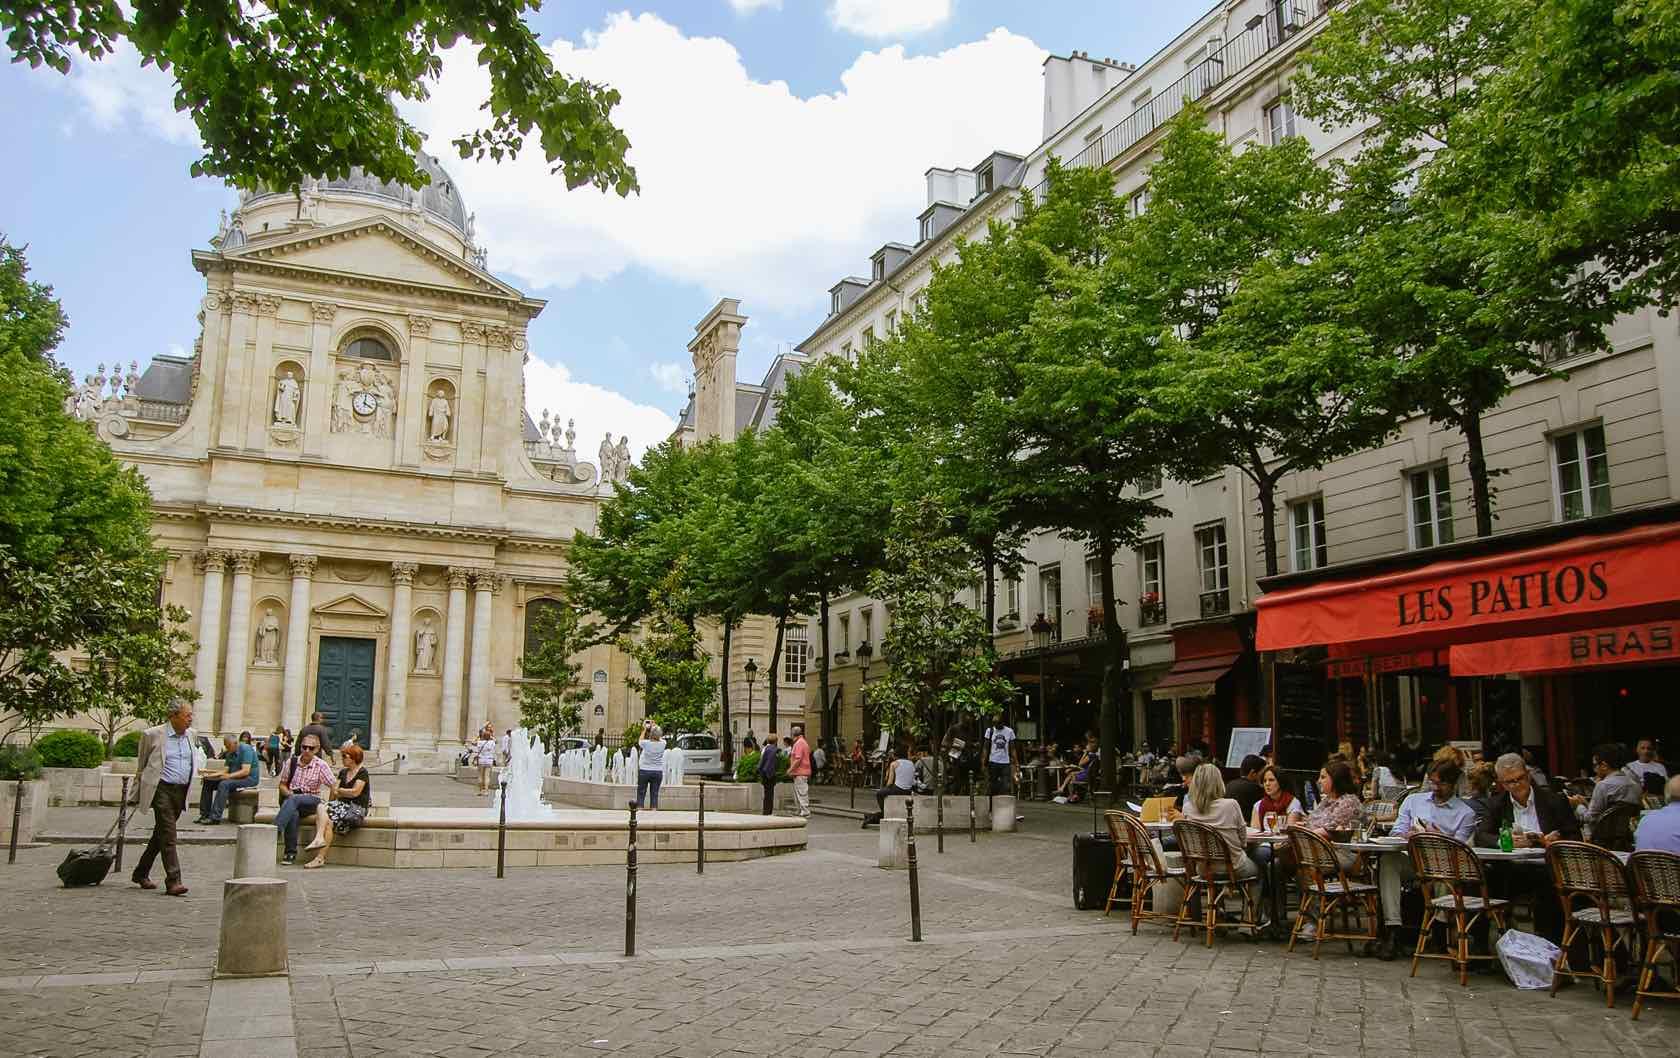 Place de la Sorbonne beautiful squares in Paris